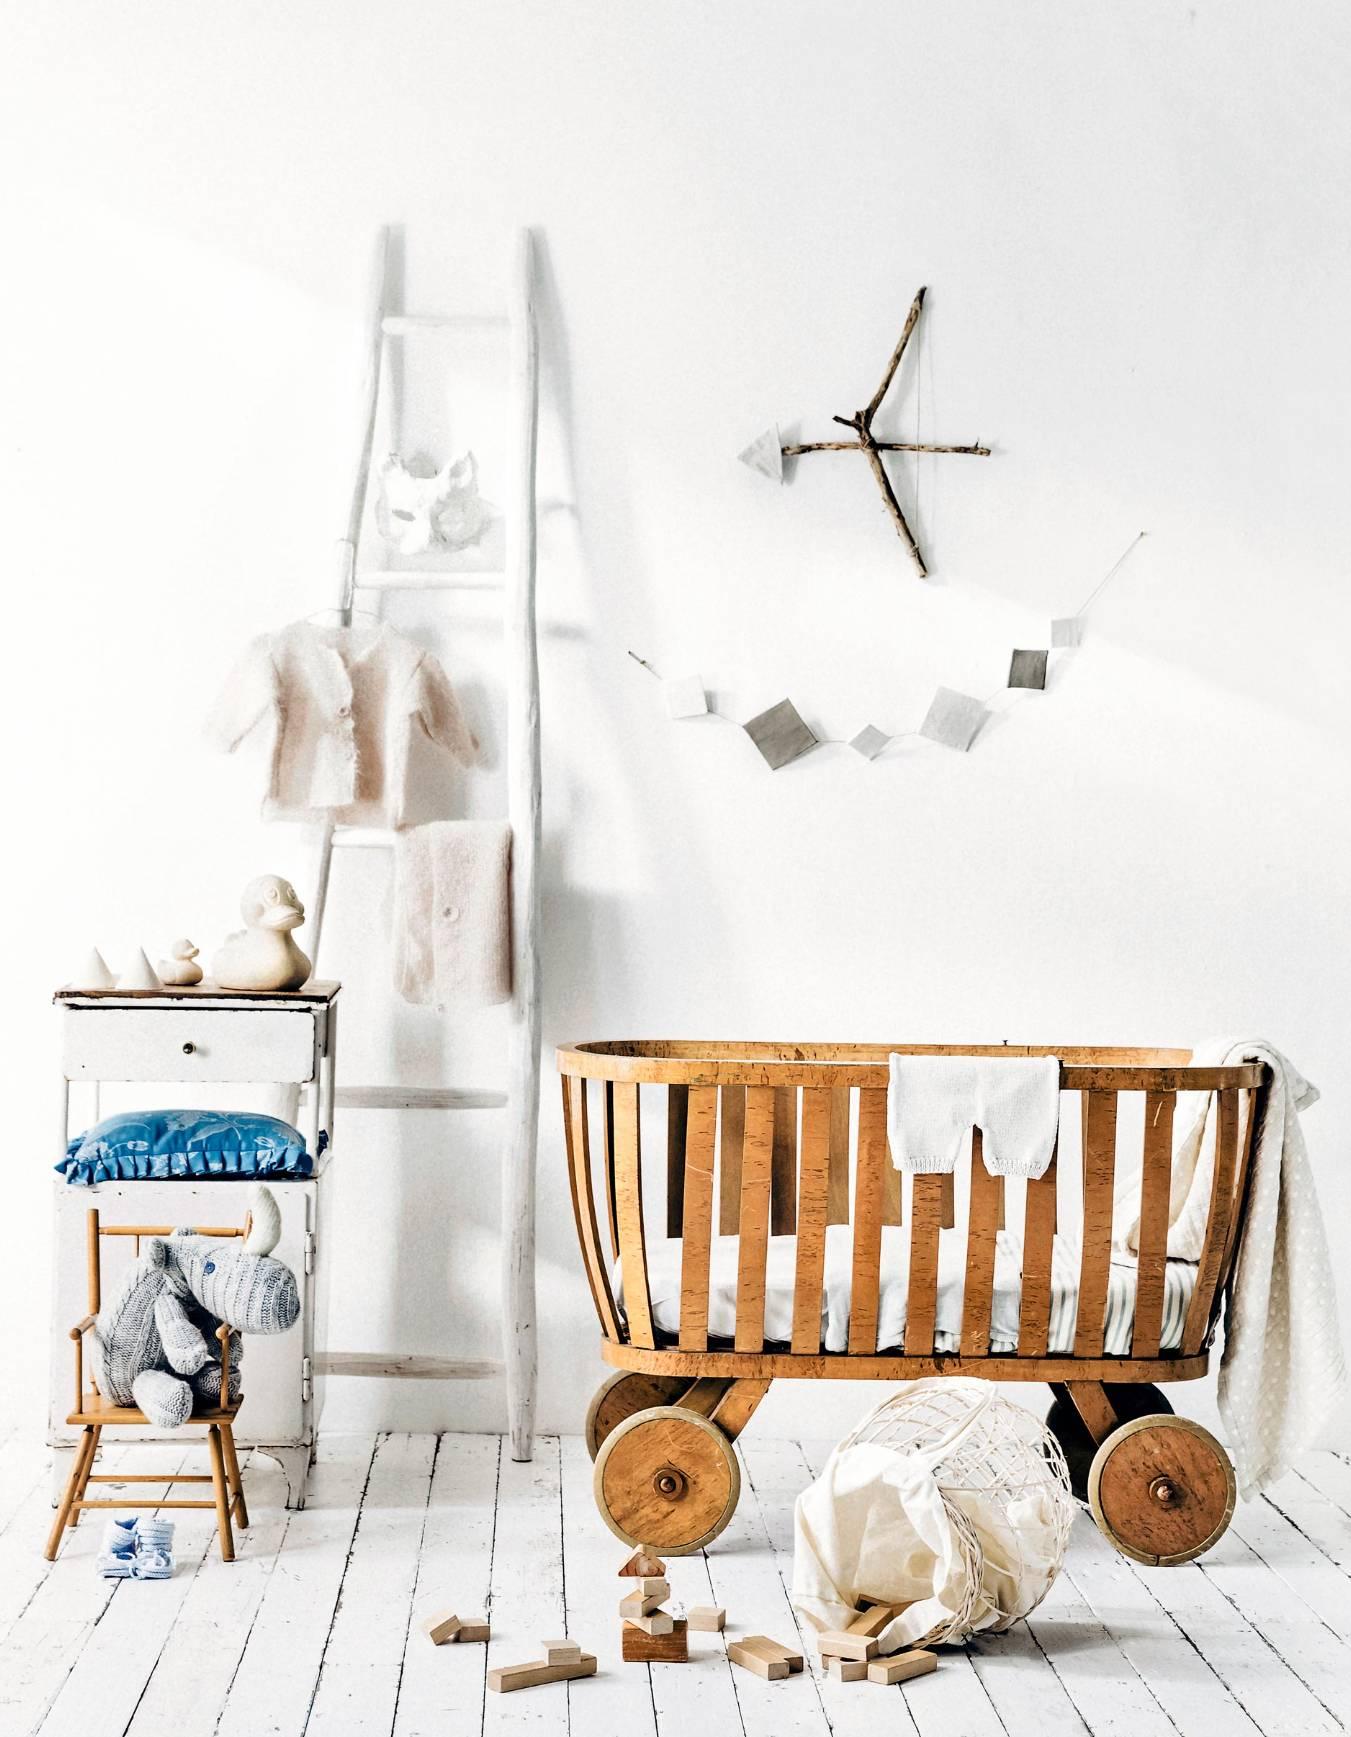 kinderkamer wieg houten vloer